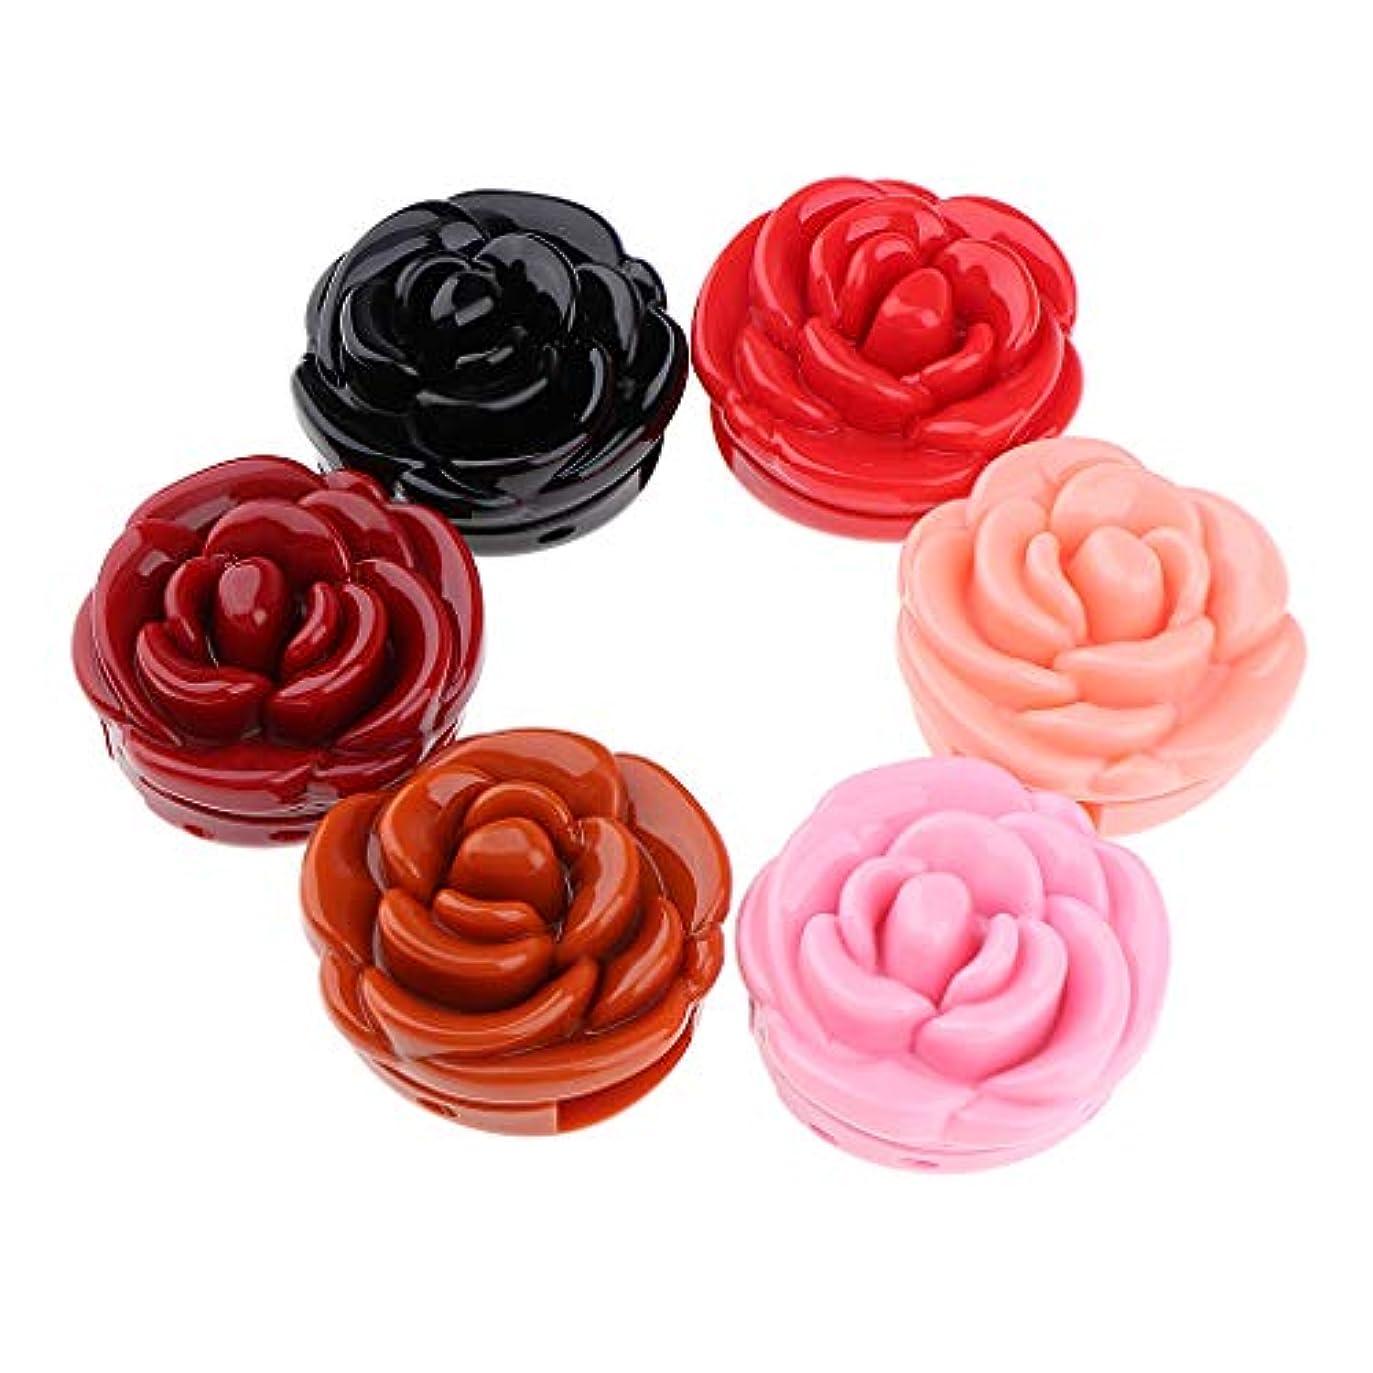 予感顕著取り囲む防水口紅 リップクリーム 美容 化粧品 メイクアップツール 6色セット